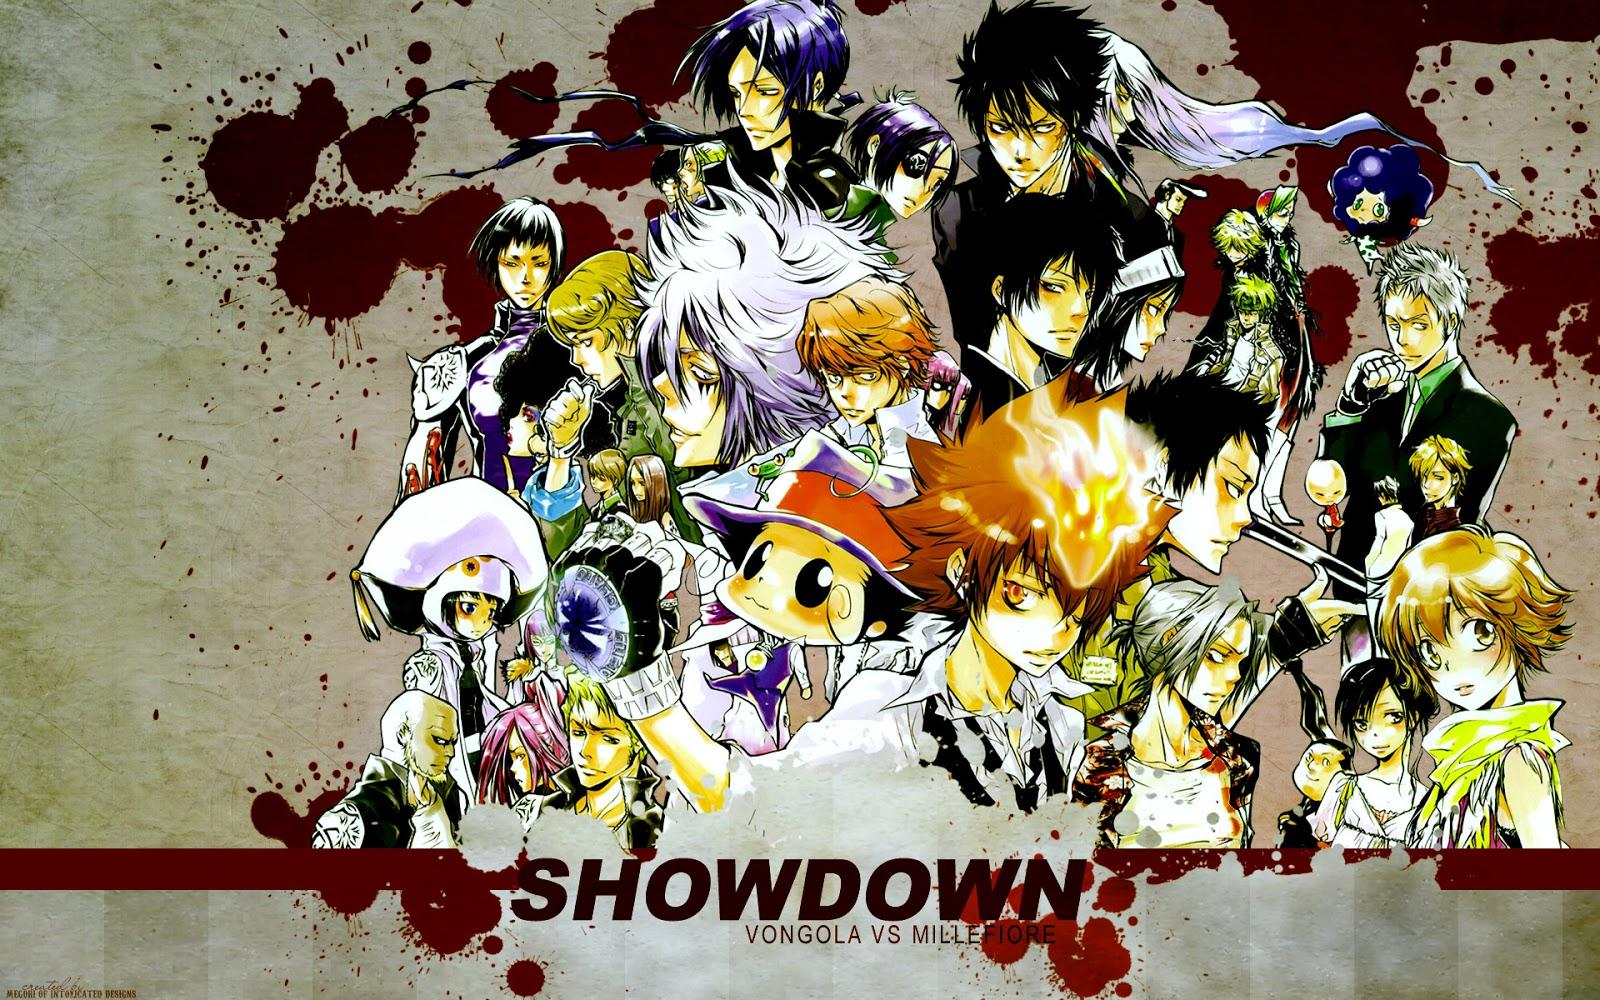 Katekyo Hitman Reborn Anime HD Wallpaper Desktop PC Background 1369 1600x1000